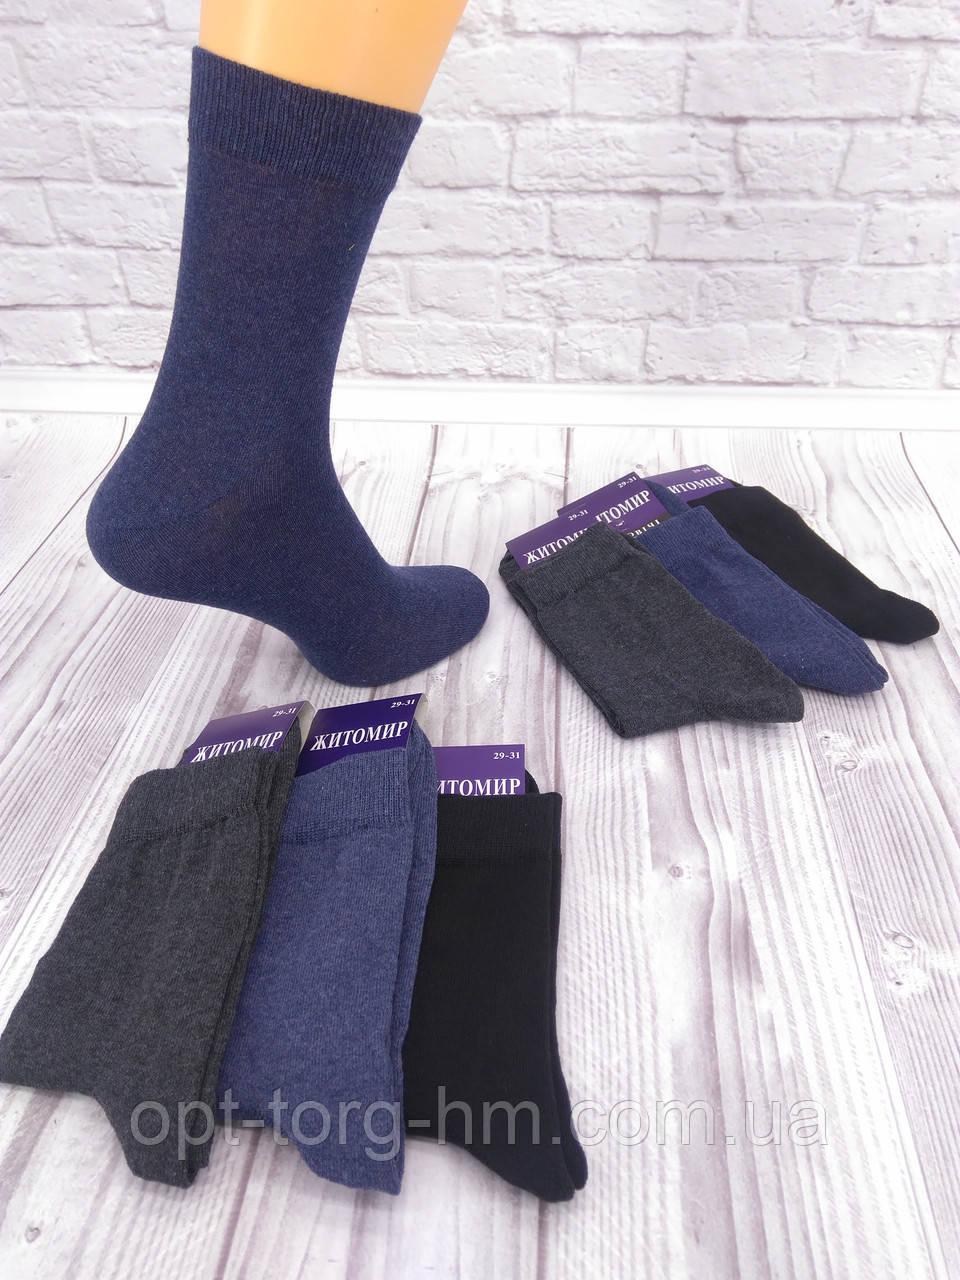 Чоловічі шкарпетки Lycra 27-29 (41-44обувь)